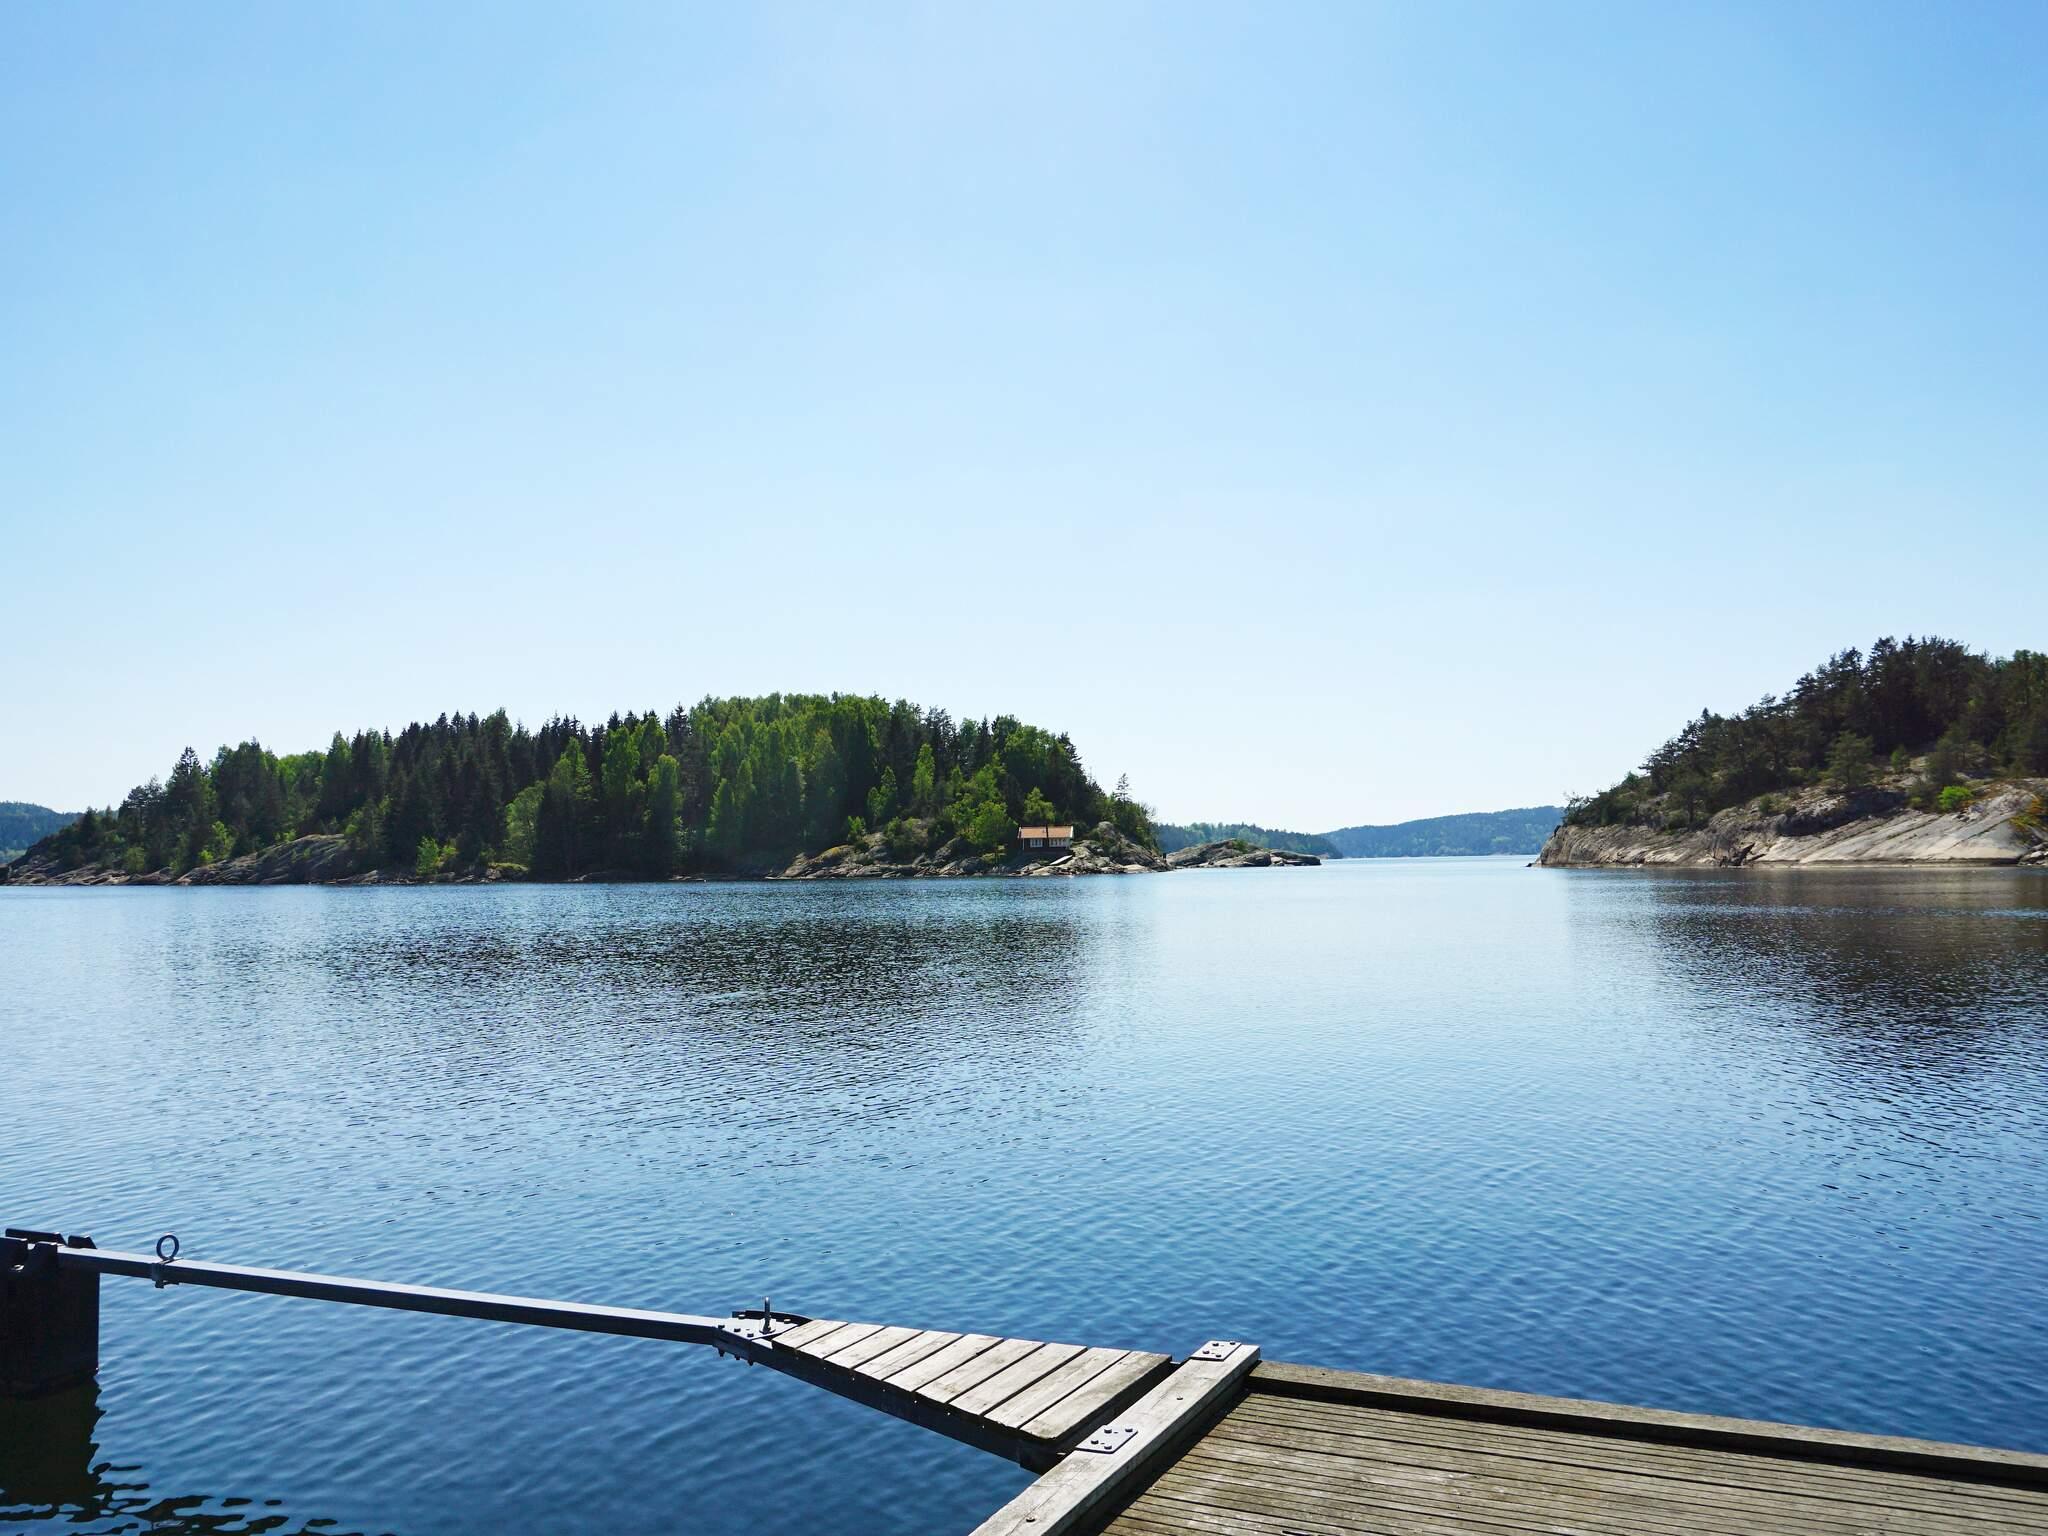 Ferienhaus Munkedal (2644651), Munkedal, Västra Götaland län, Westschweden, Schweden, Bild 36